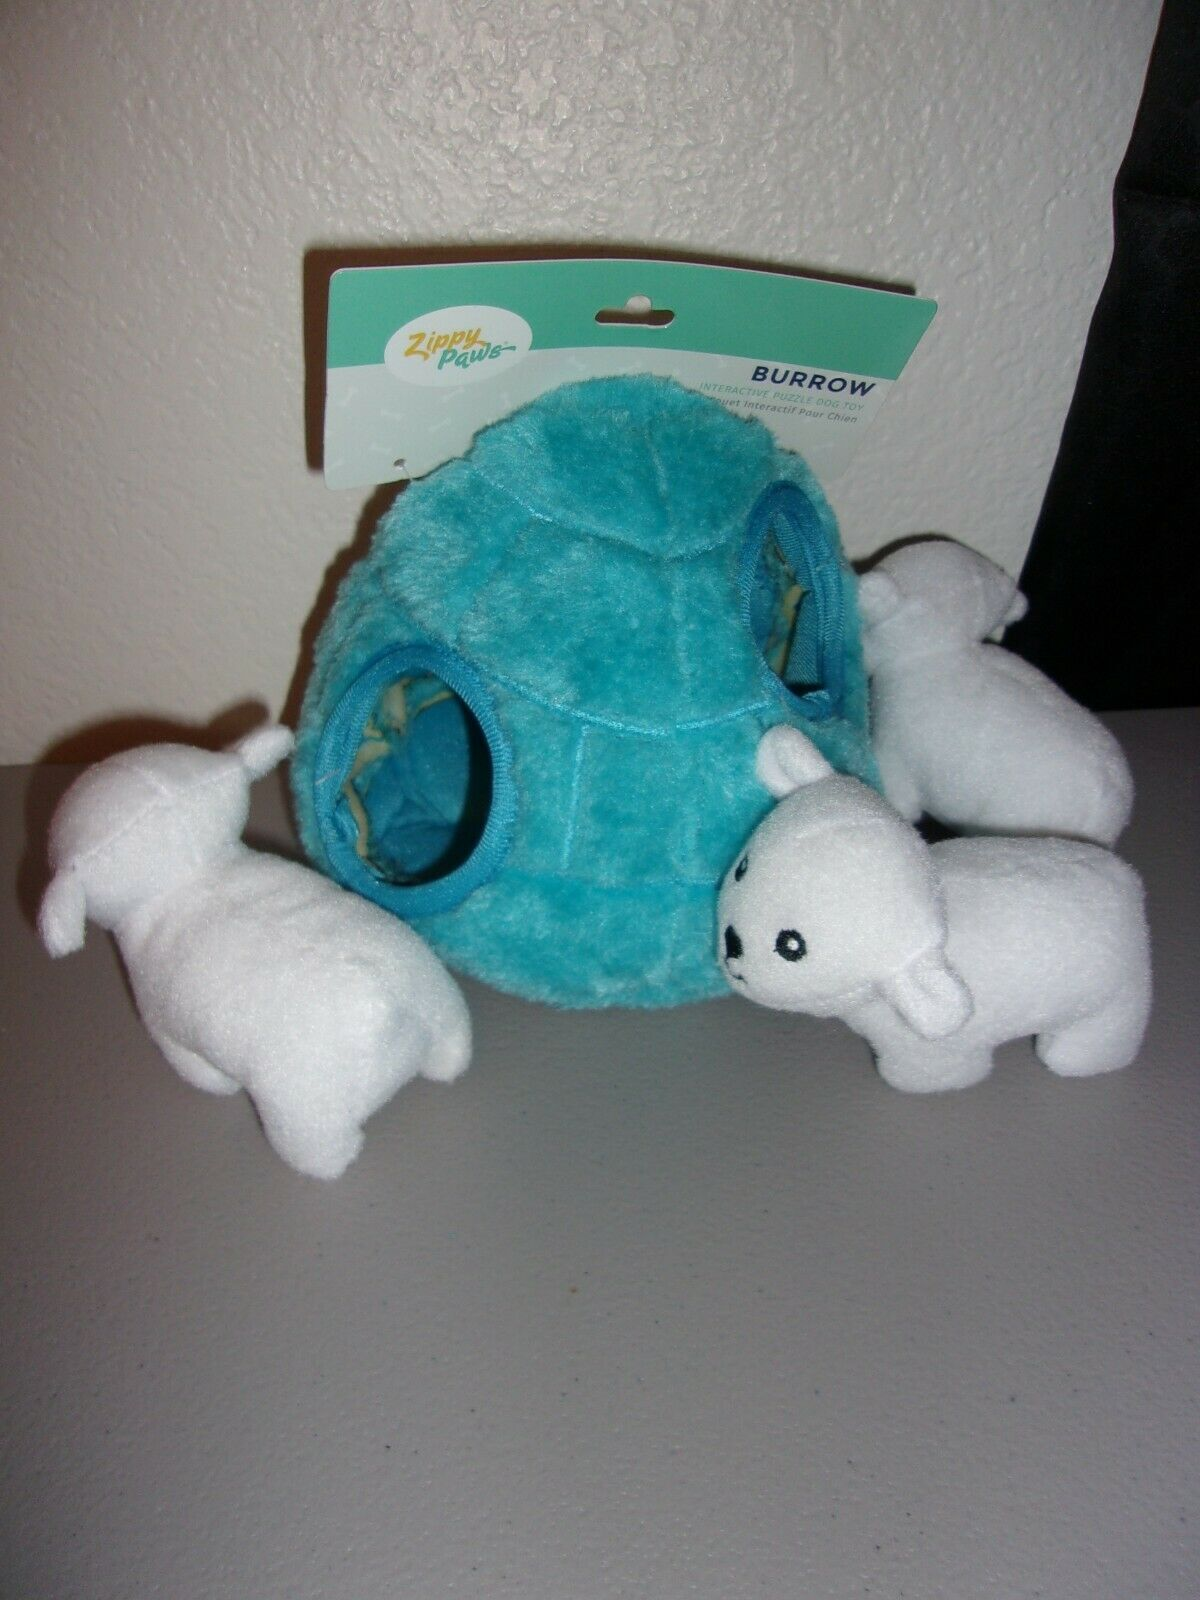 zp857 zippy burrow 3 polar bear igloo